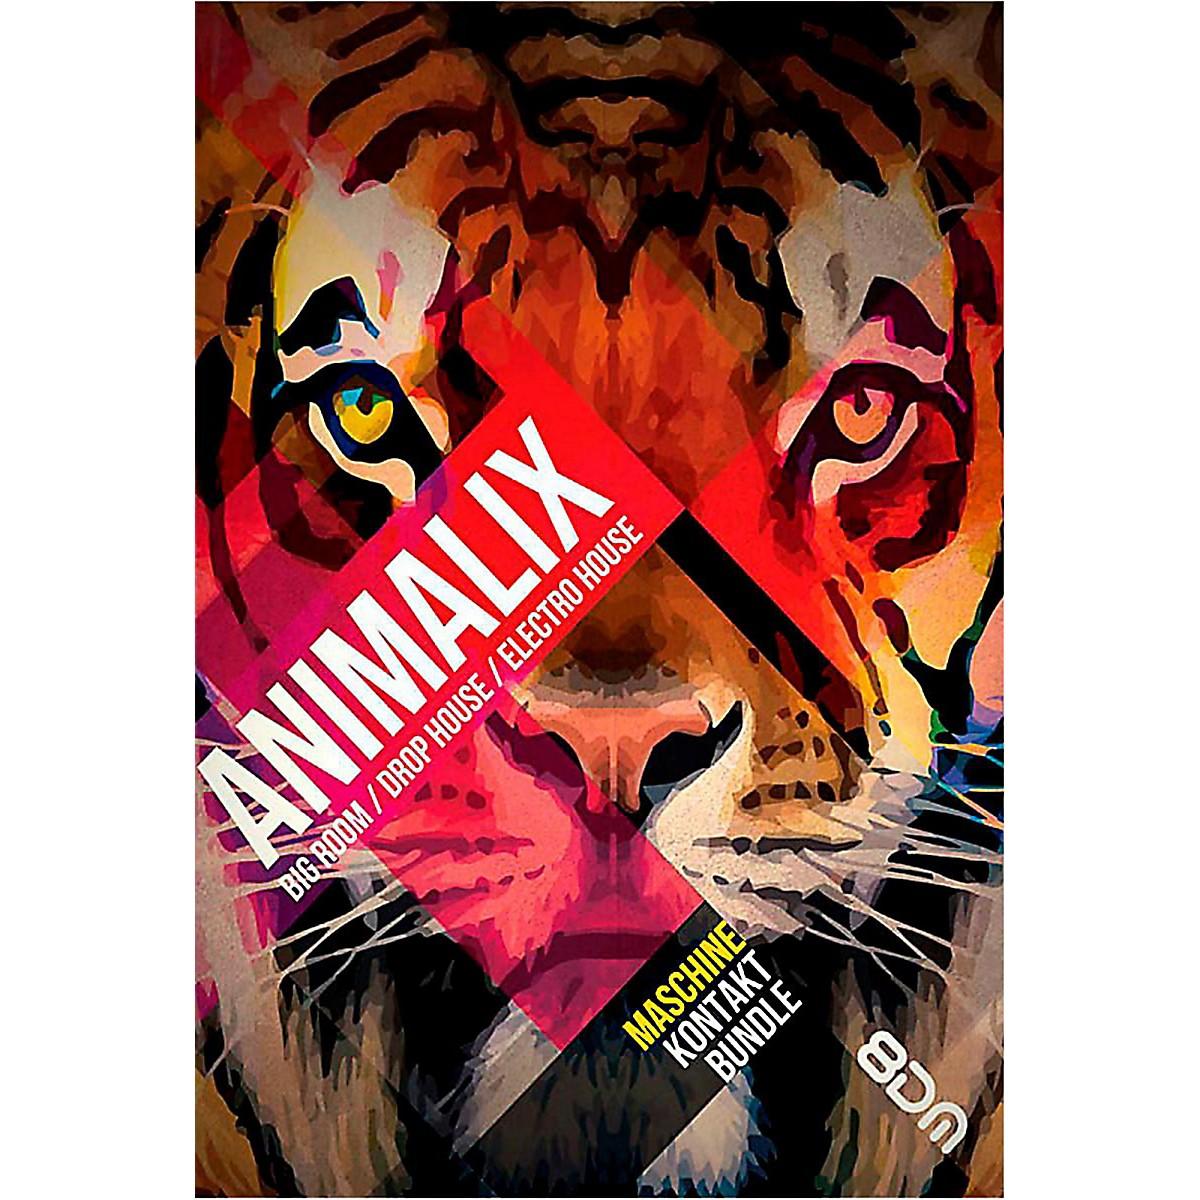 8DM Animalix Maschine EXP Pack